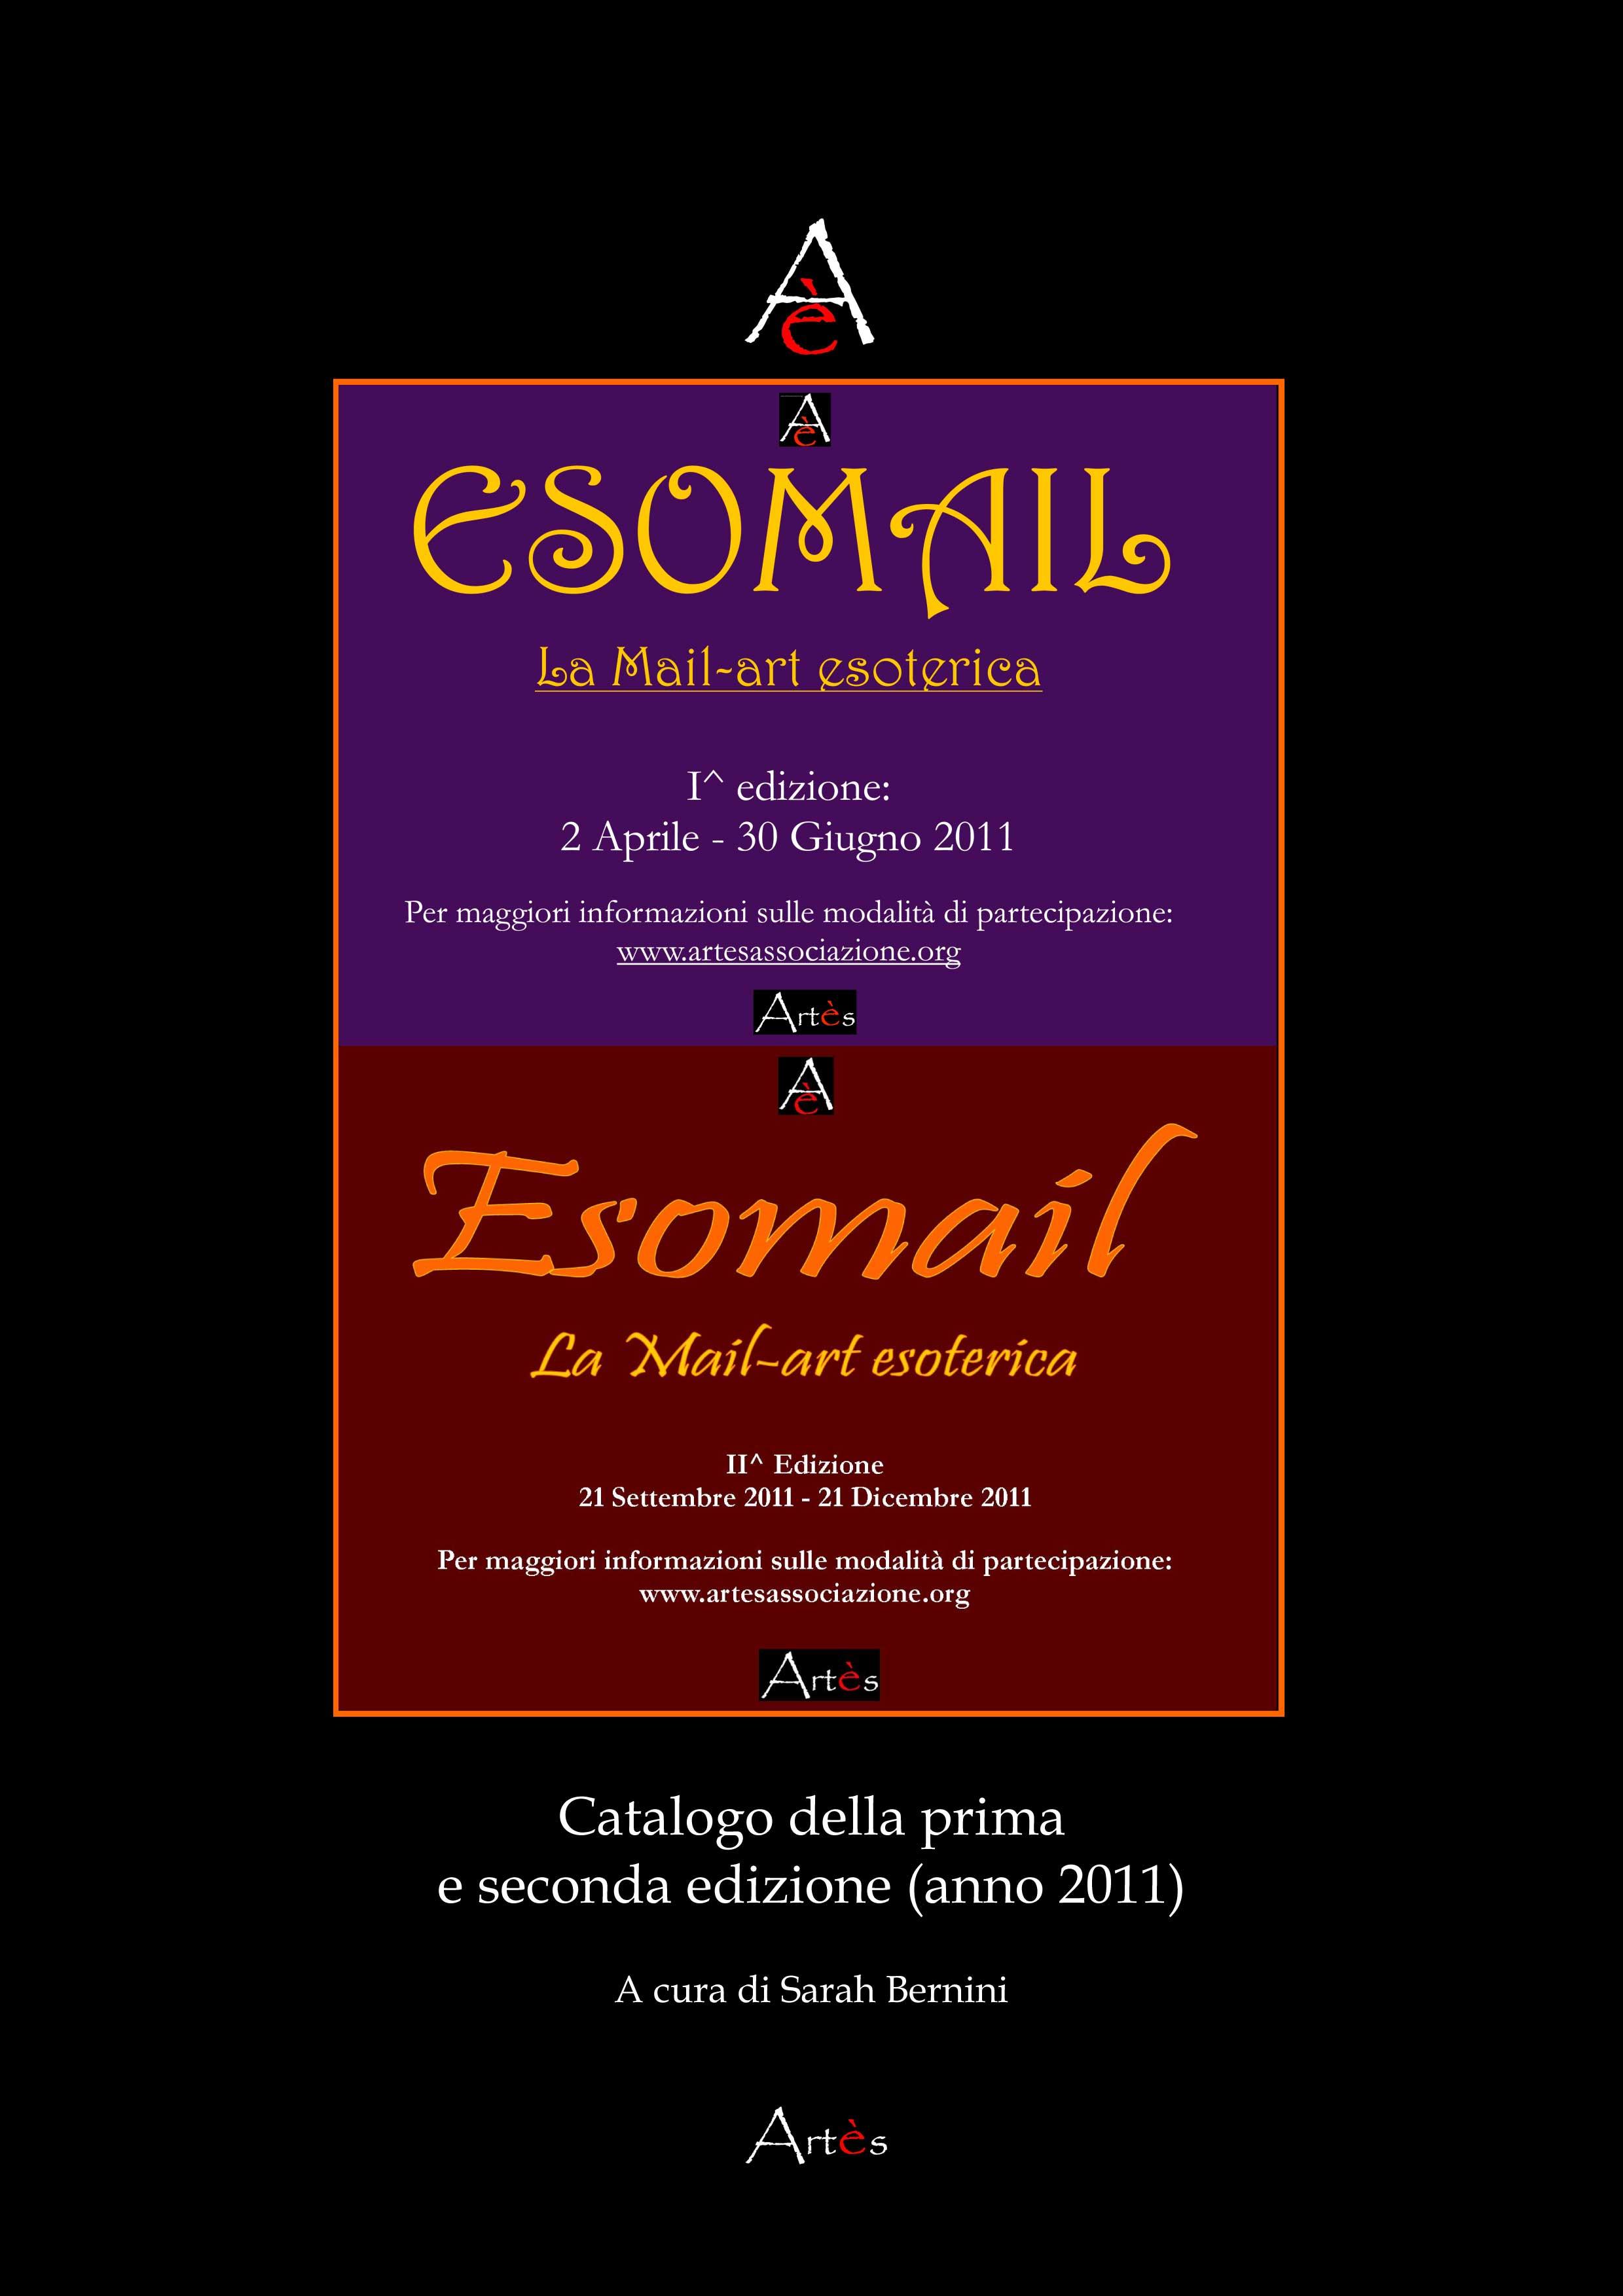 Copertina catalogo I^ e II^ edizione di Esomail